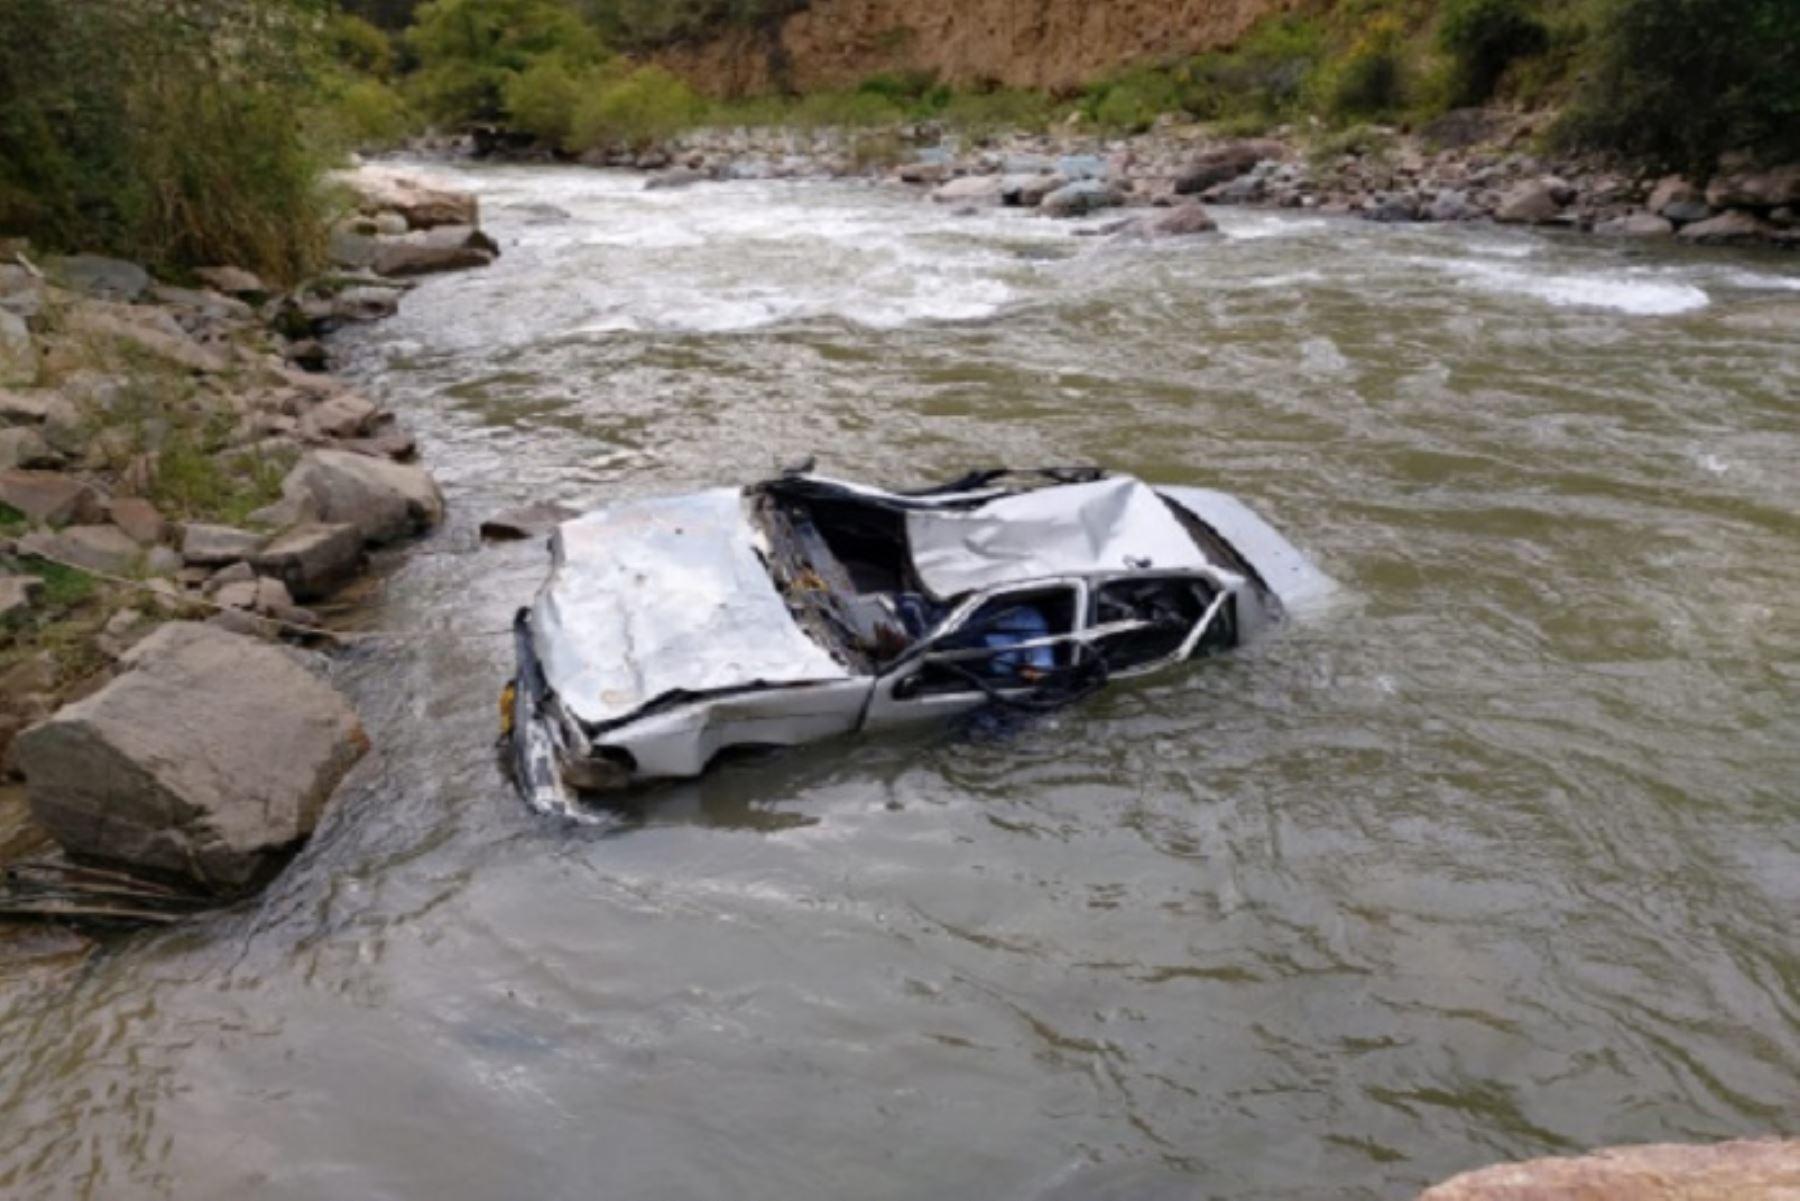 El accidente de tránsito se produjo alrededor de las 07:00 horas de hoy en la carretera Central.